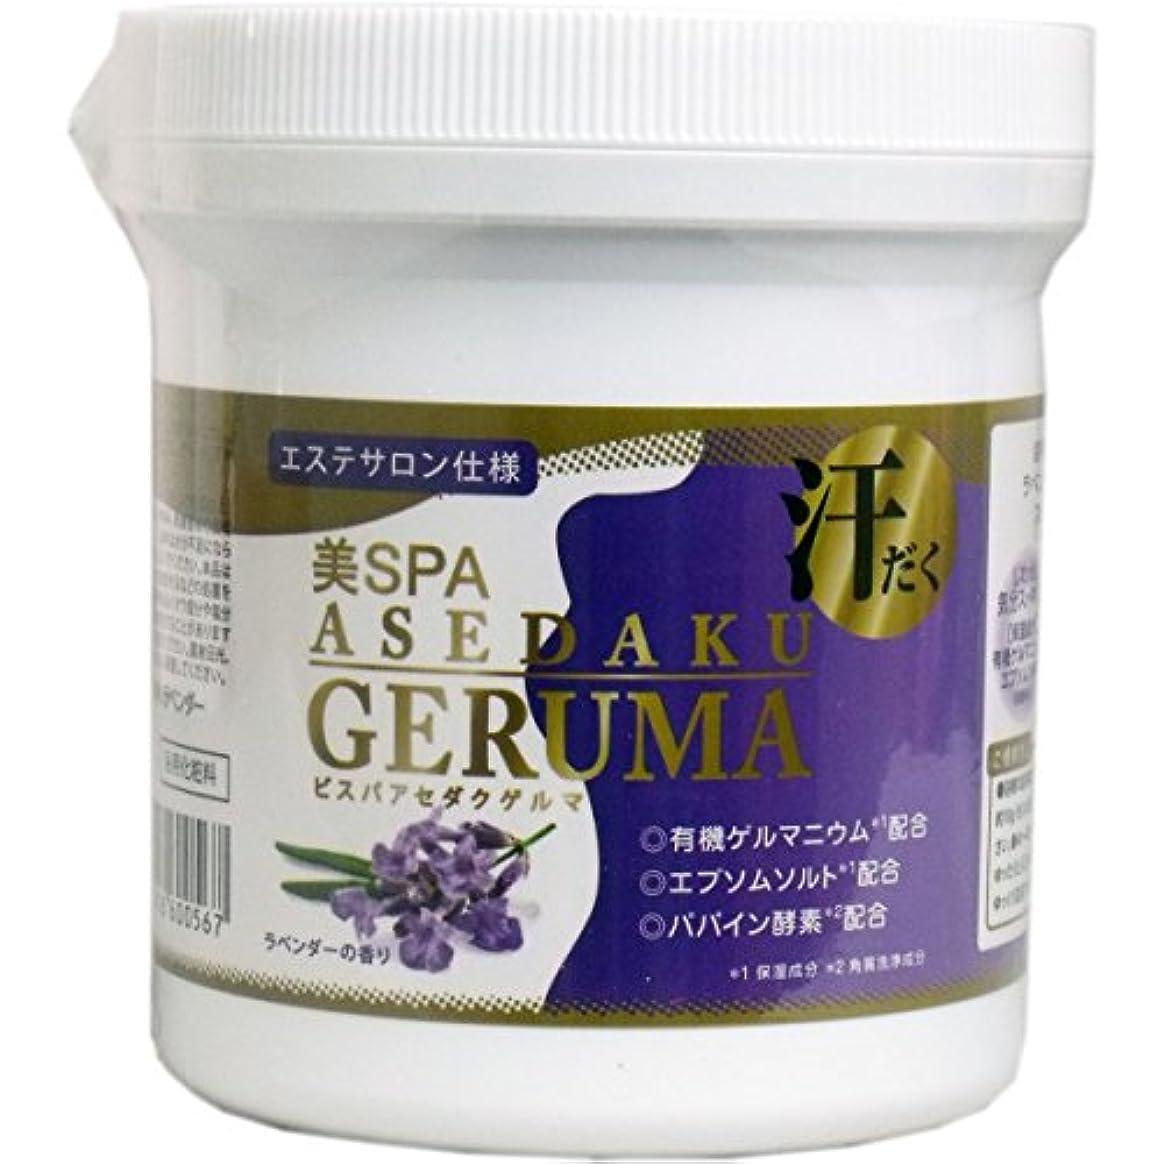 誤解するかどうか両方日本生化学 ビスパ アセダクゲルマ ラベンダーの香り 400g